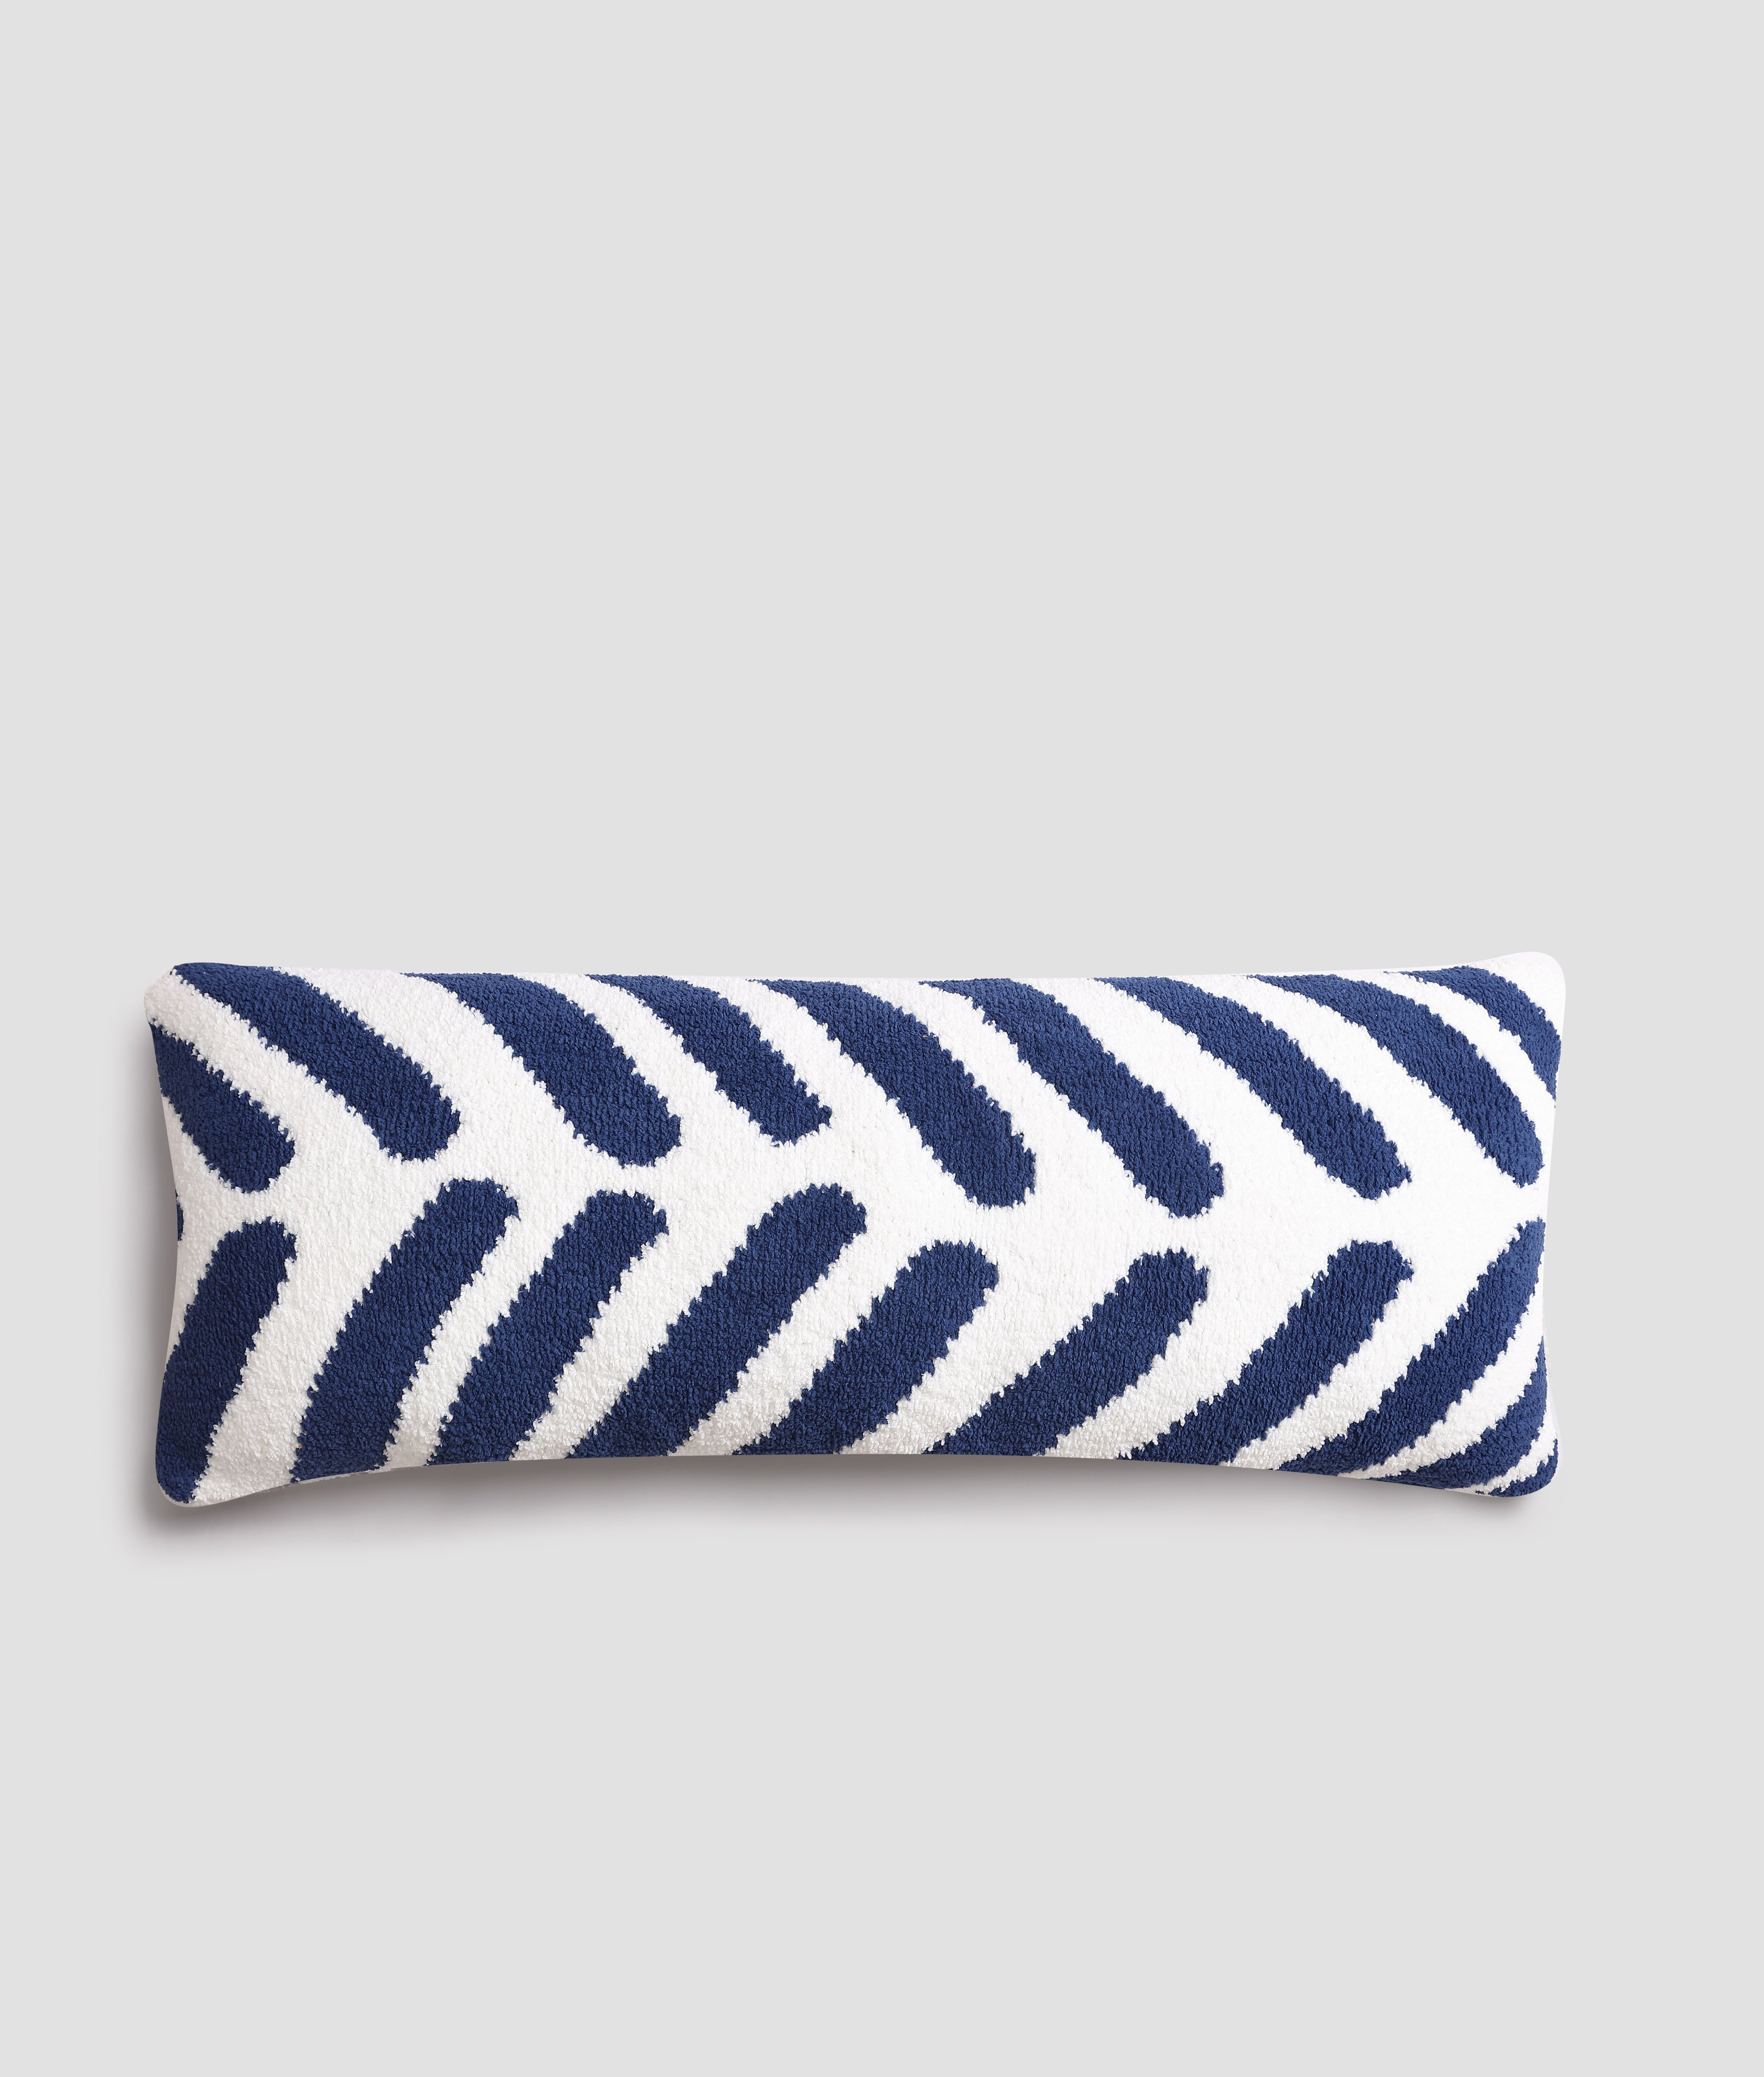 Tulum Lumbar Pillow